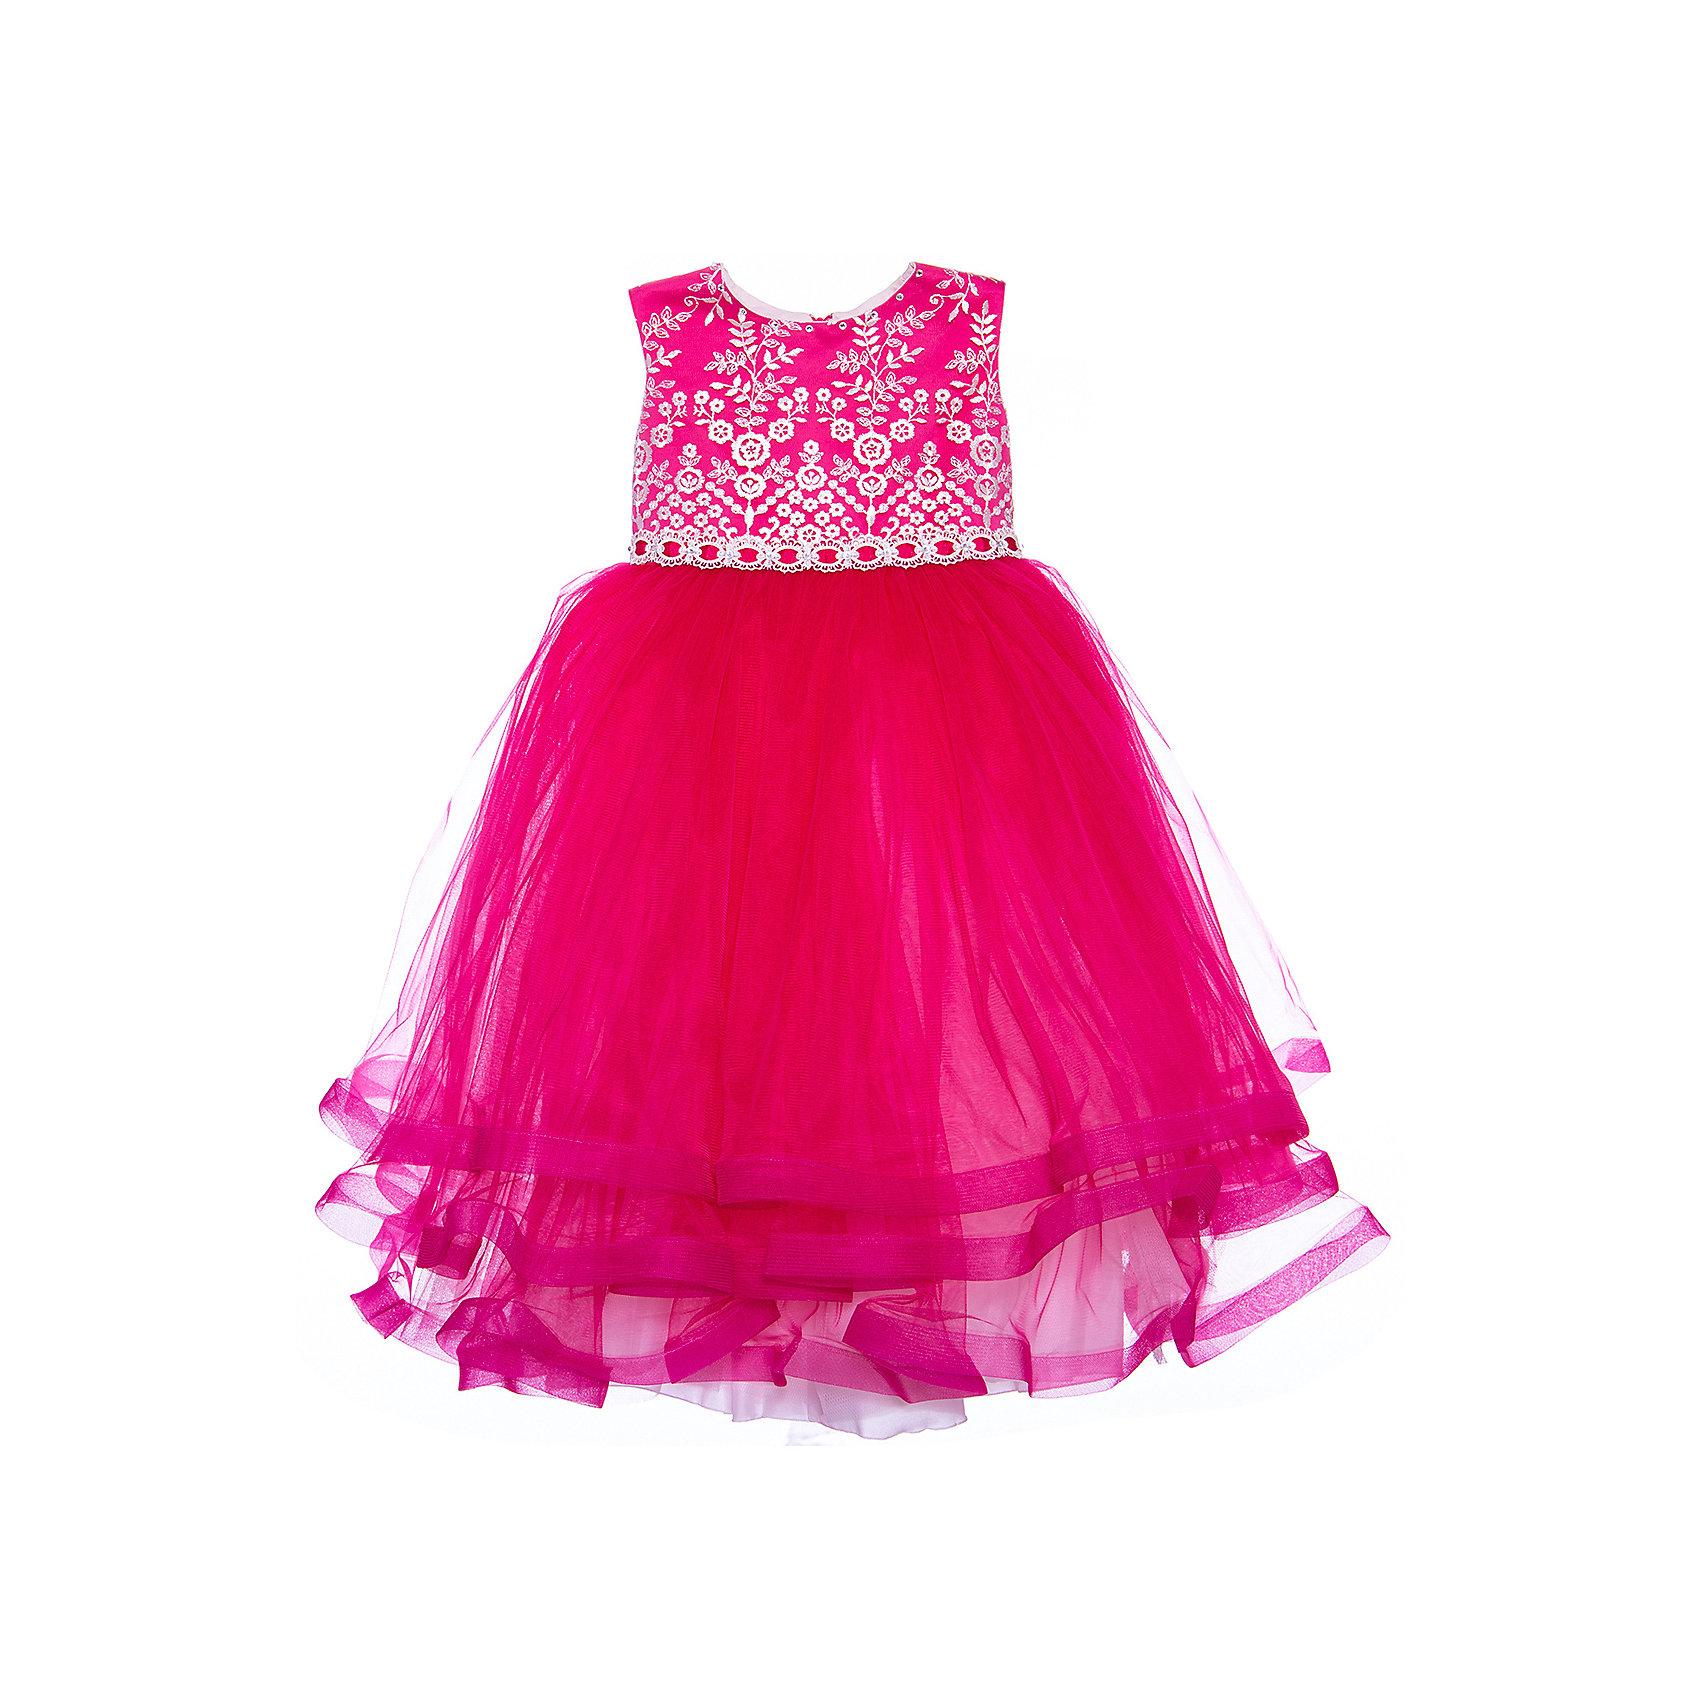 Платье нарядное для девочки ПрестижОдежда<br>Характеристики:<br><br>• Вид детской и подростковой одежды: платье<br>• Предназначение: праздничная<br>• Коллекция: Veronikaiko<br>• Сезон: круглый год<br>• Тематика рисунка: цветы<br>• Цвет: персиковый<br>• Материал: 100% полиэстер<br>• Силуэт: А-силуэт, пышный<br>• Юбка: солнце<br>• Рукав: без рукава<br>• Вырез горловины: круглый<br>• Длина платья: миди, кан-кан<br>• Застежка: молния на спинке<br>• Особенности ухода: ручная стирка при температуре не более 30 градусов<br><br>Платье нарядное для девочки Престиж от отечественного производителя праздничной одежды и аксессуаров как для взрослых, так и для детей. Изделие выполнено из 100% полиэстера, который обладает легкостью, прочностью, устойчивостью к износу и пятнам. <br><br>Платье отрезное по талии, имеет классический А-силуэт. Круглая горловина декорирована бусинами и стразами. Платье выполнено в нежном дизайне: верх платья оформлен вышитыми букетиками белых цветов и многоярусная фатиновая юбка придают изделию особую воздушность и легкость. <br>Платье нарядное для девочки Престиж – это неповторимый стиль вашей девочки на любом торжестве!<br><br>Платье нарядное для девочки Престиж можно купить в нашем интернет-магазине.<br><br>Ширина мм: 236<br>Глубина мм: 16<br>Высота мм: 184<br>Вес г: 177<br>Цвет: персиковый<br>Возраст от месяцев: 36<br>Возраст до месяцев: 48<br>Пол: Женский<br>Возраст: Детский<br>Размер: 104,116,110<br>SKU: 5387692